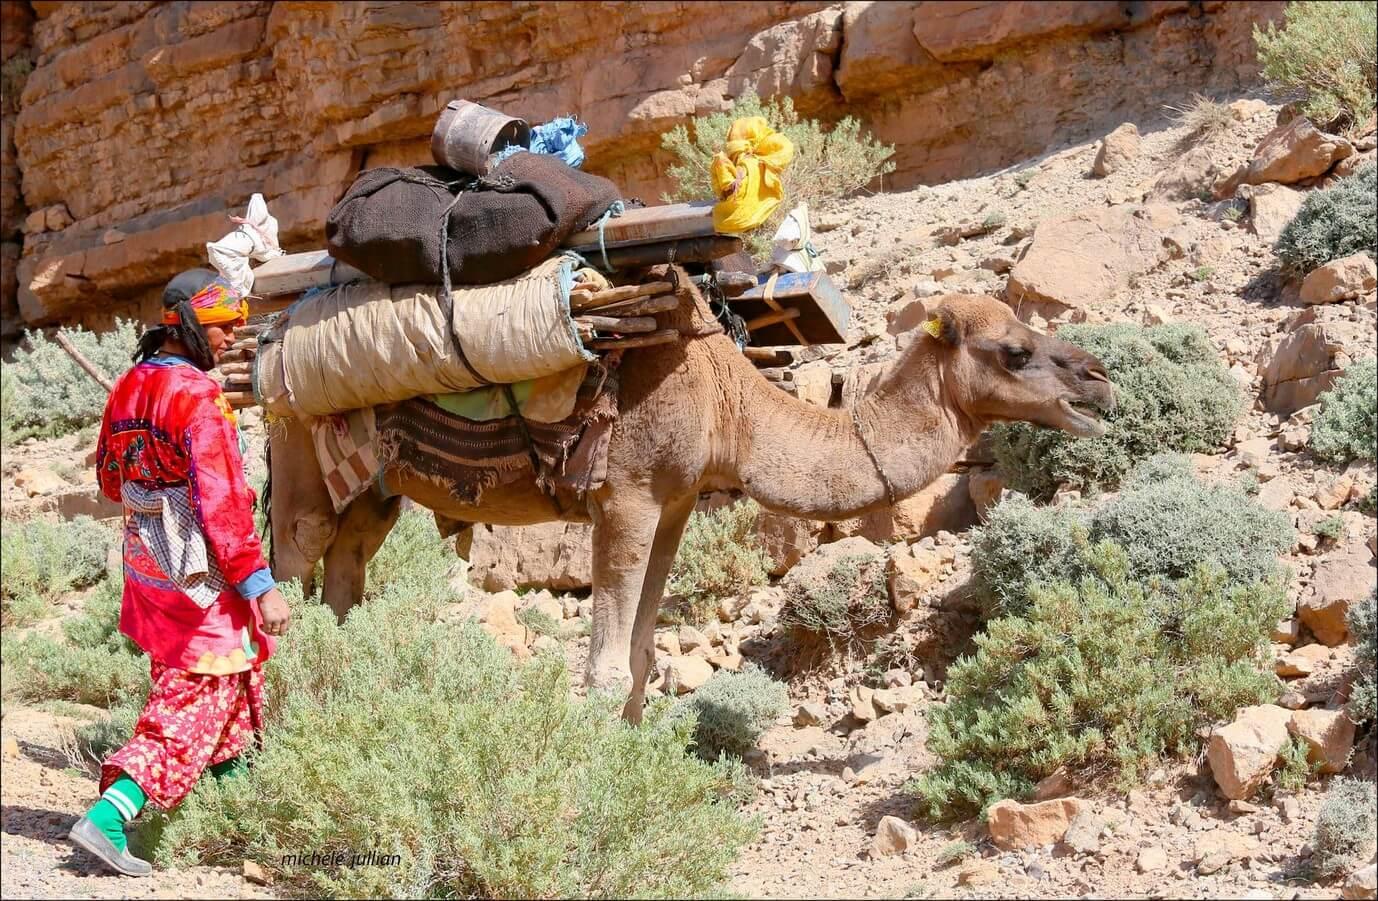 nomade berbère près de son chameau sur la route  entre Saghro et le Haut Atlas